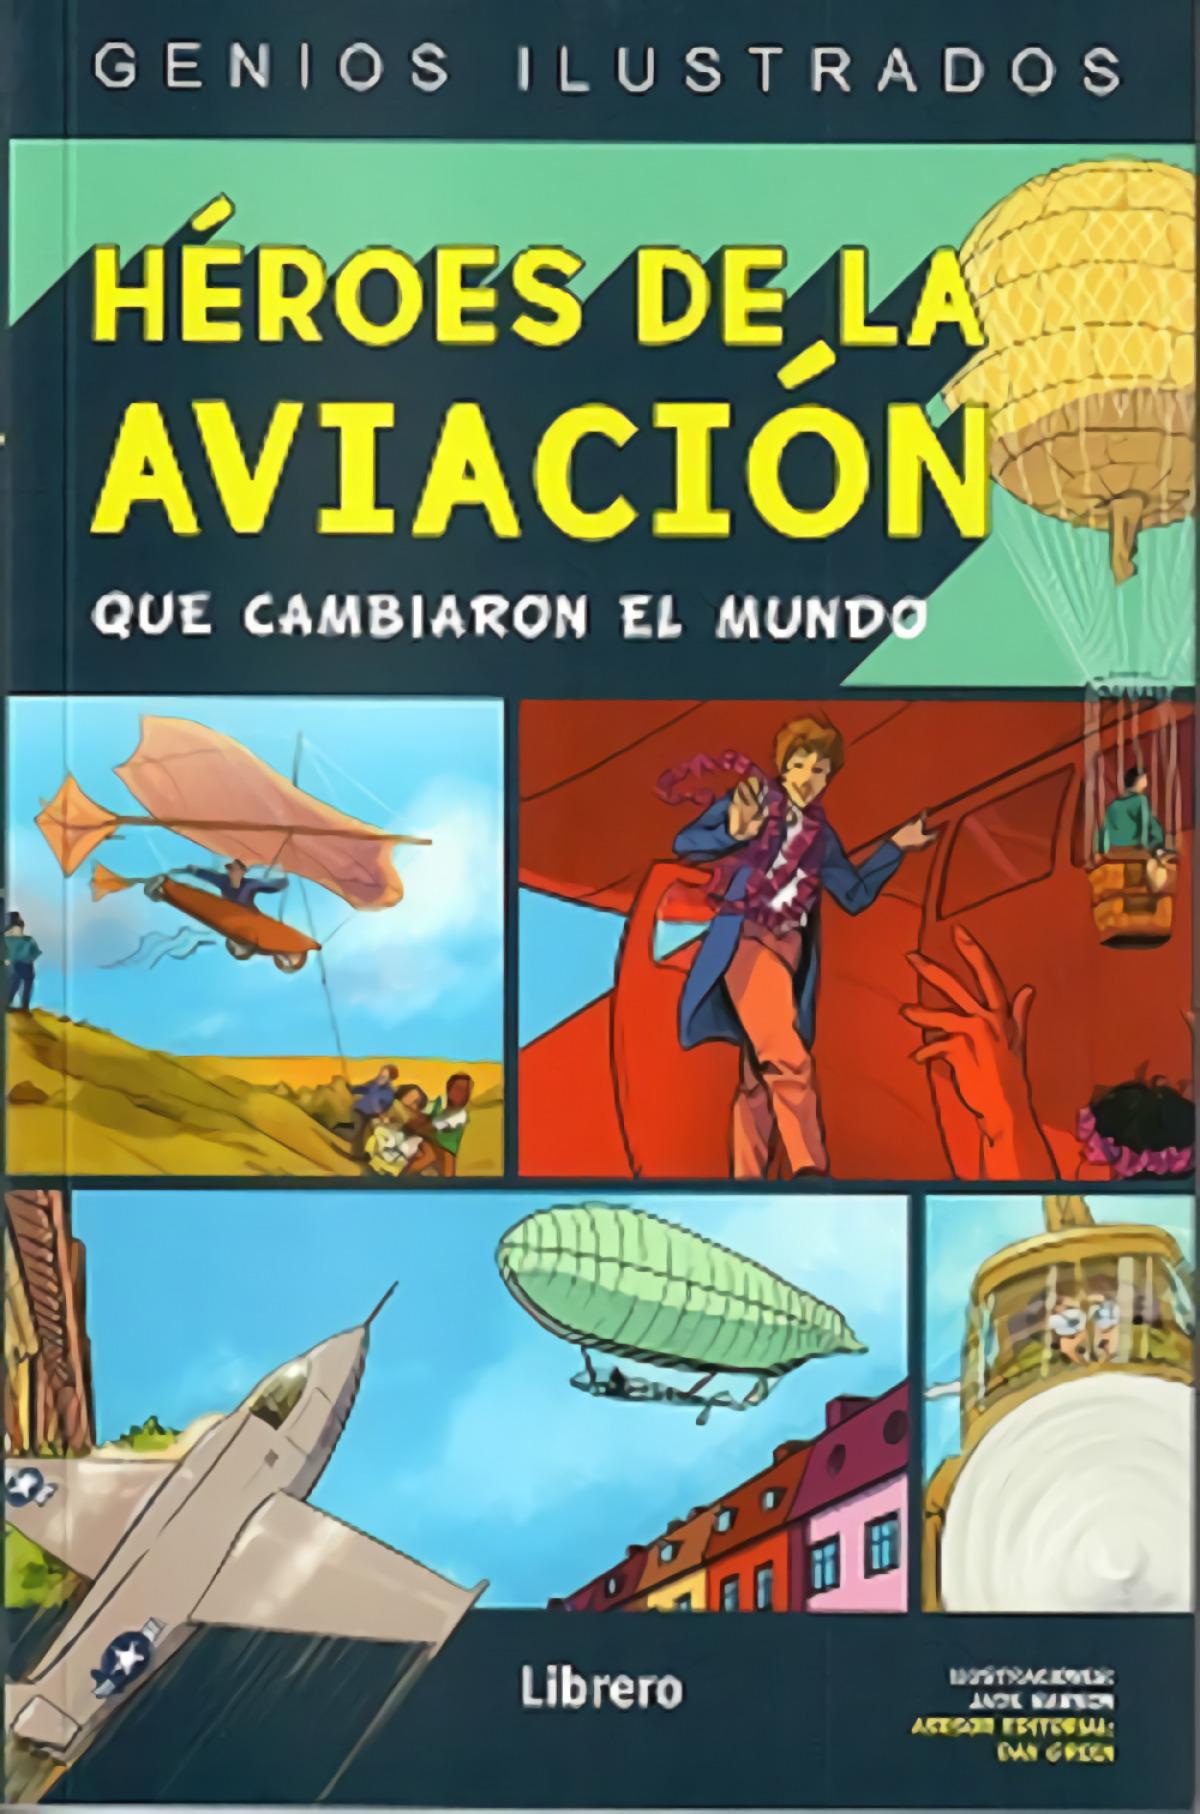 HEROES DE LA AVIACION